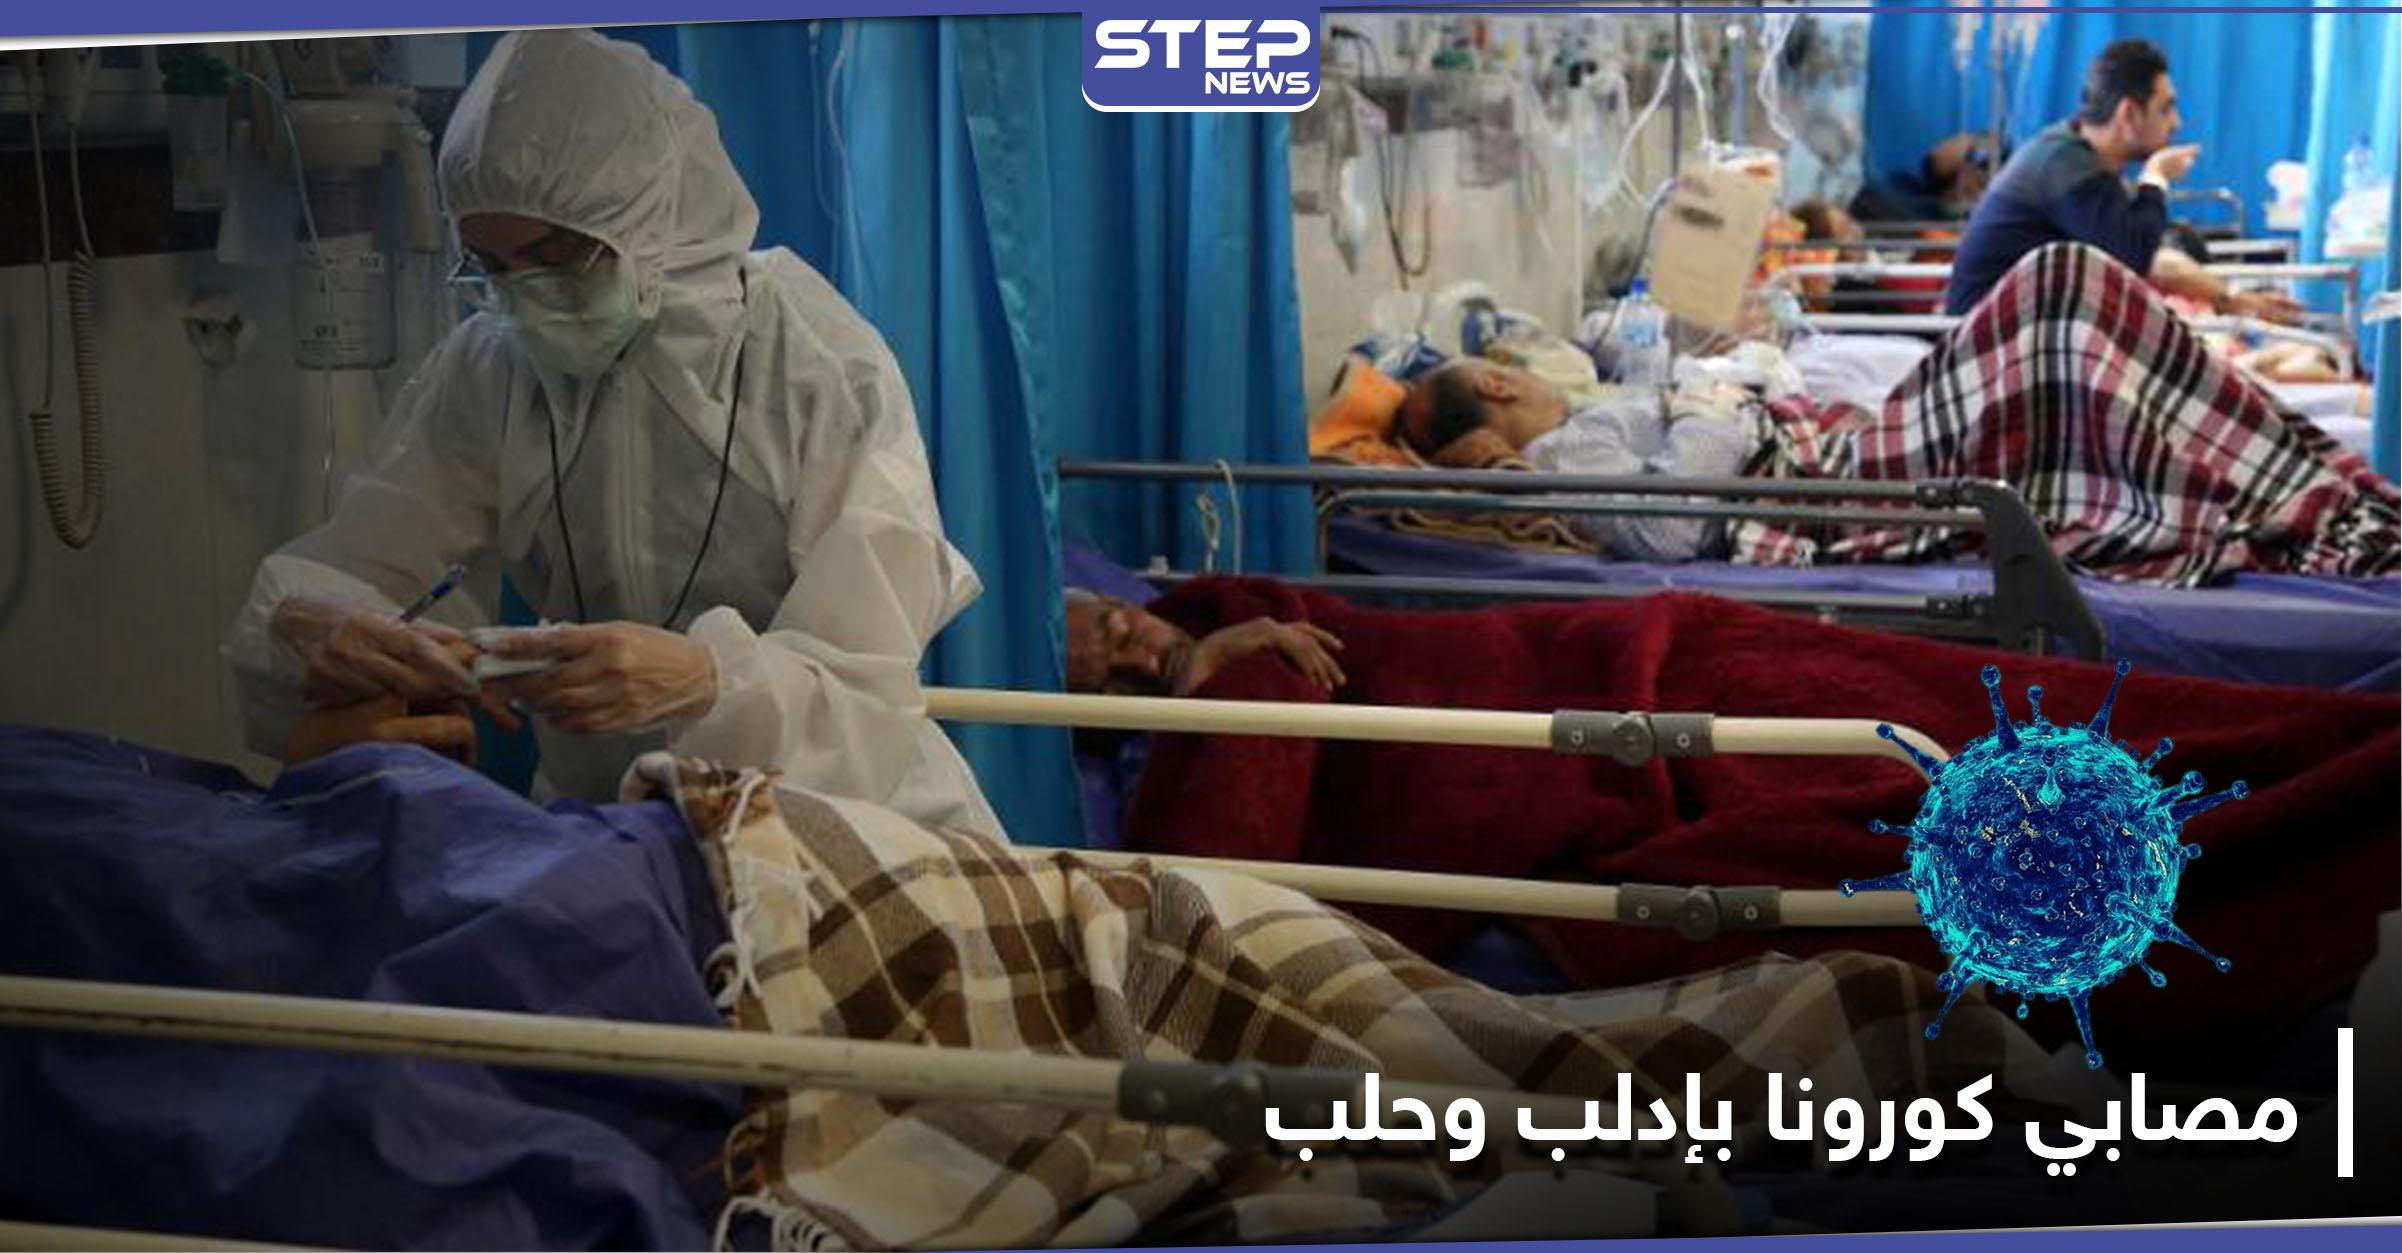 استهتار بتعامل المشافي ضمن مناطق المعارضة السورية مع مصابي فيروس كورونا